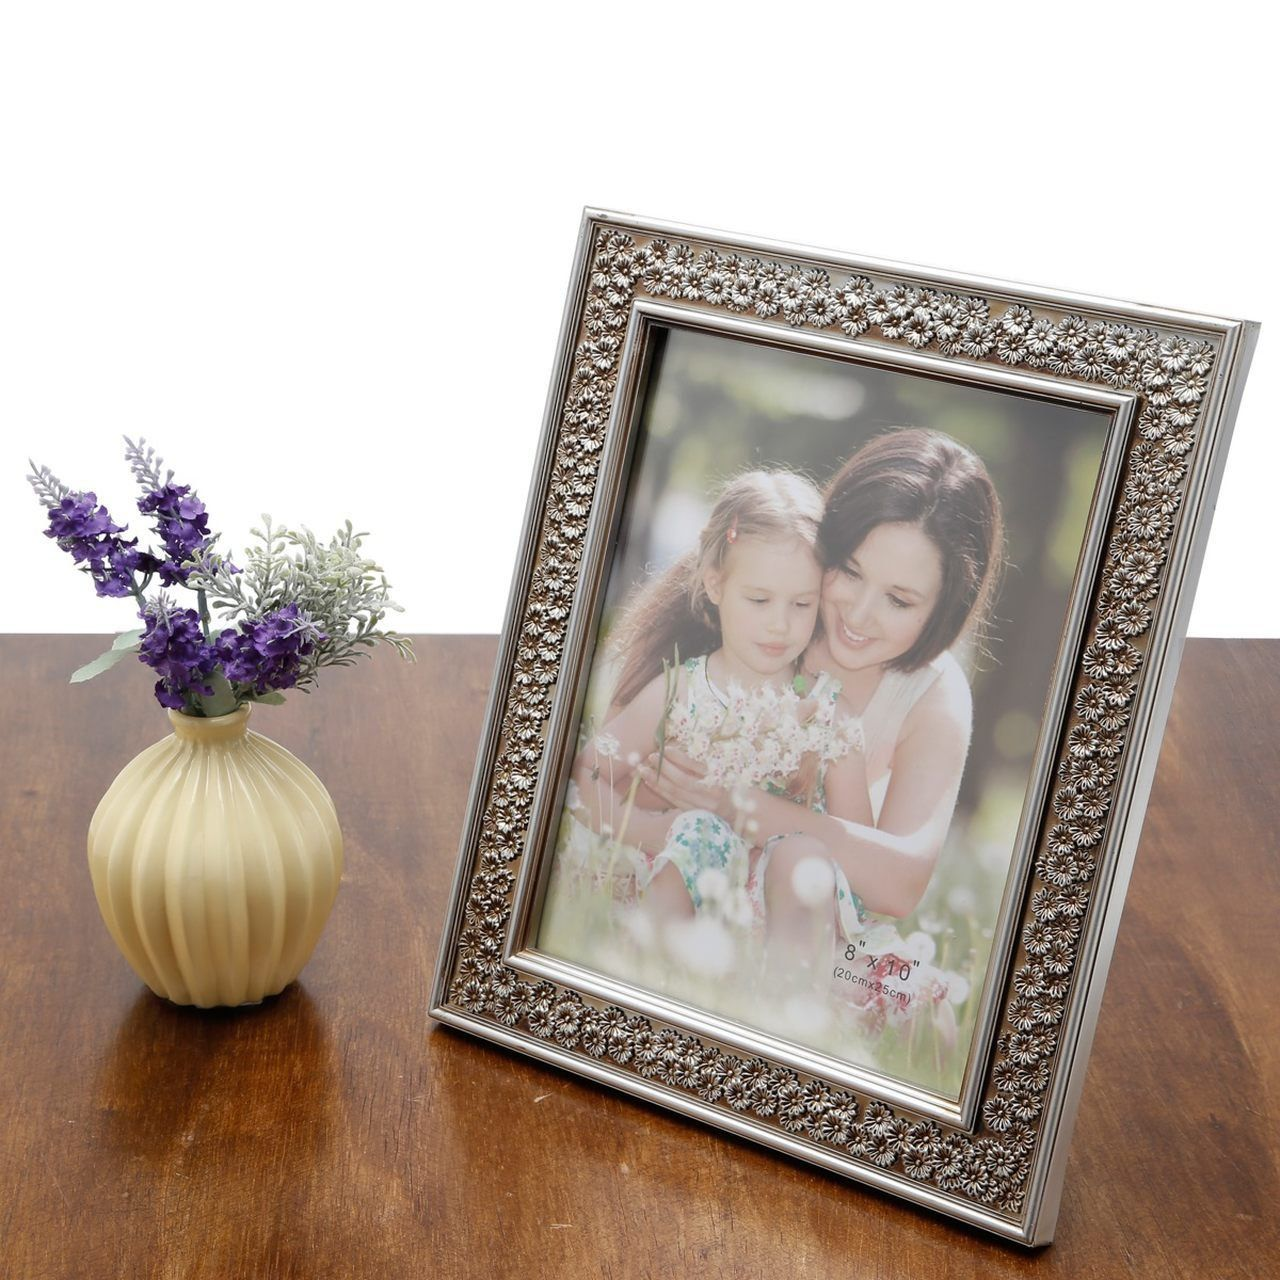 Porta-retrato 13 x 18 cm de plástico prateado Margarida Prestige - 25472